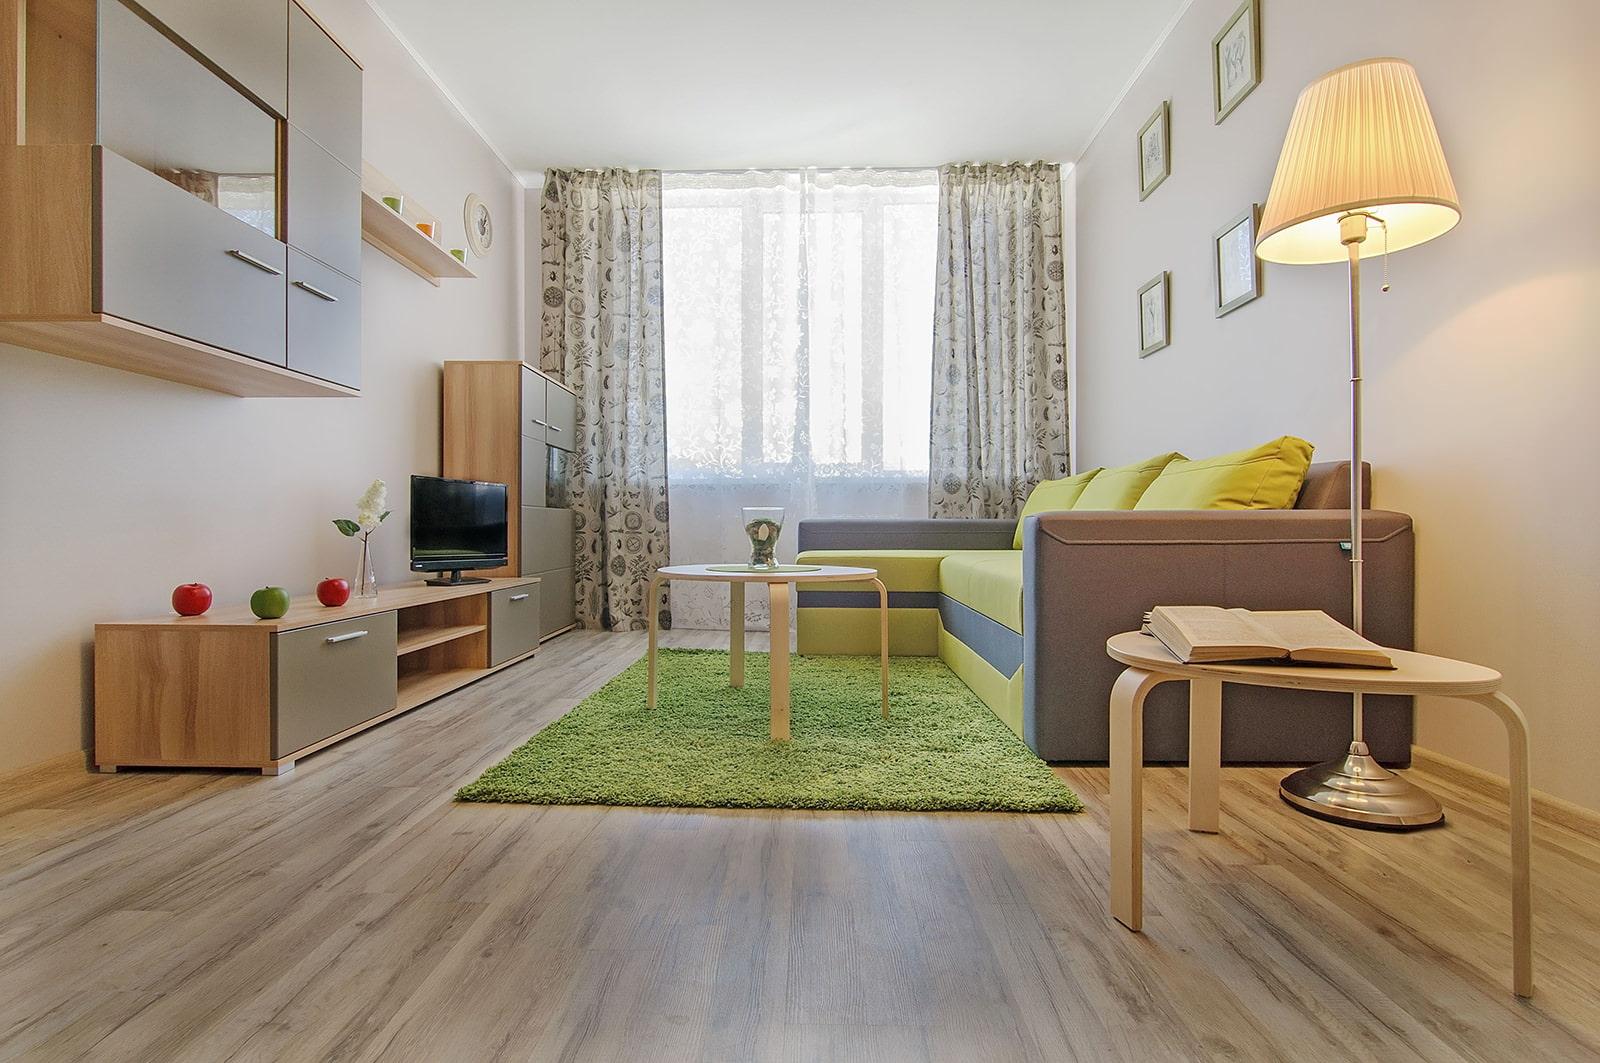 Как благоустроить однокомнатную квартиру фото